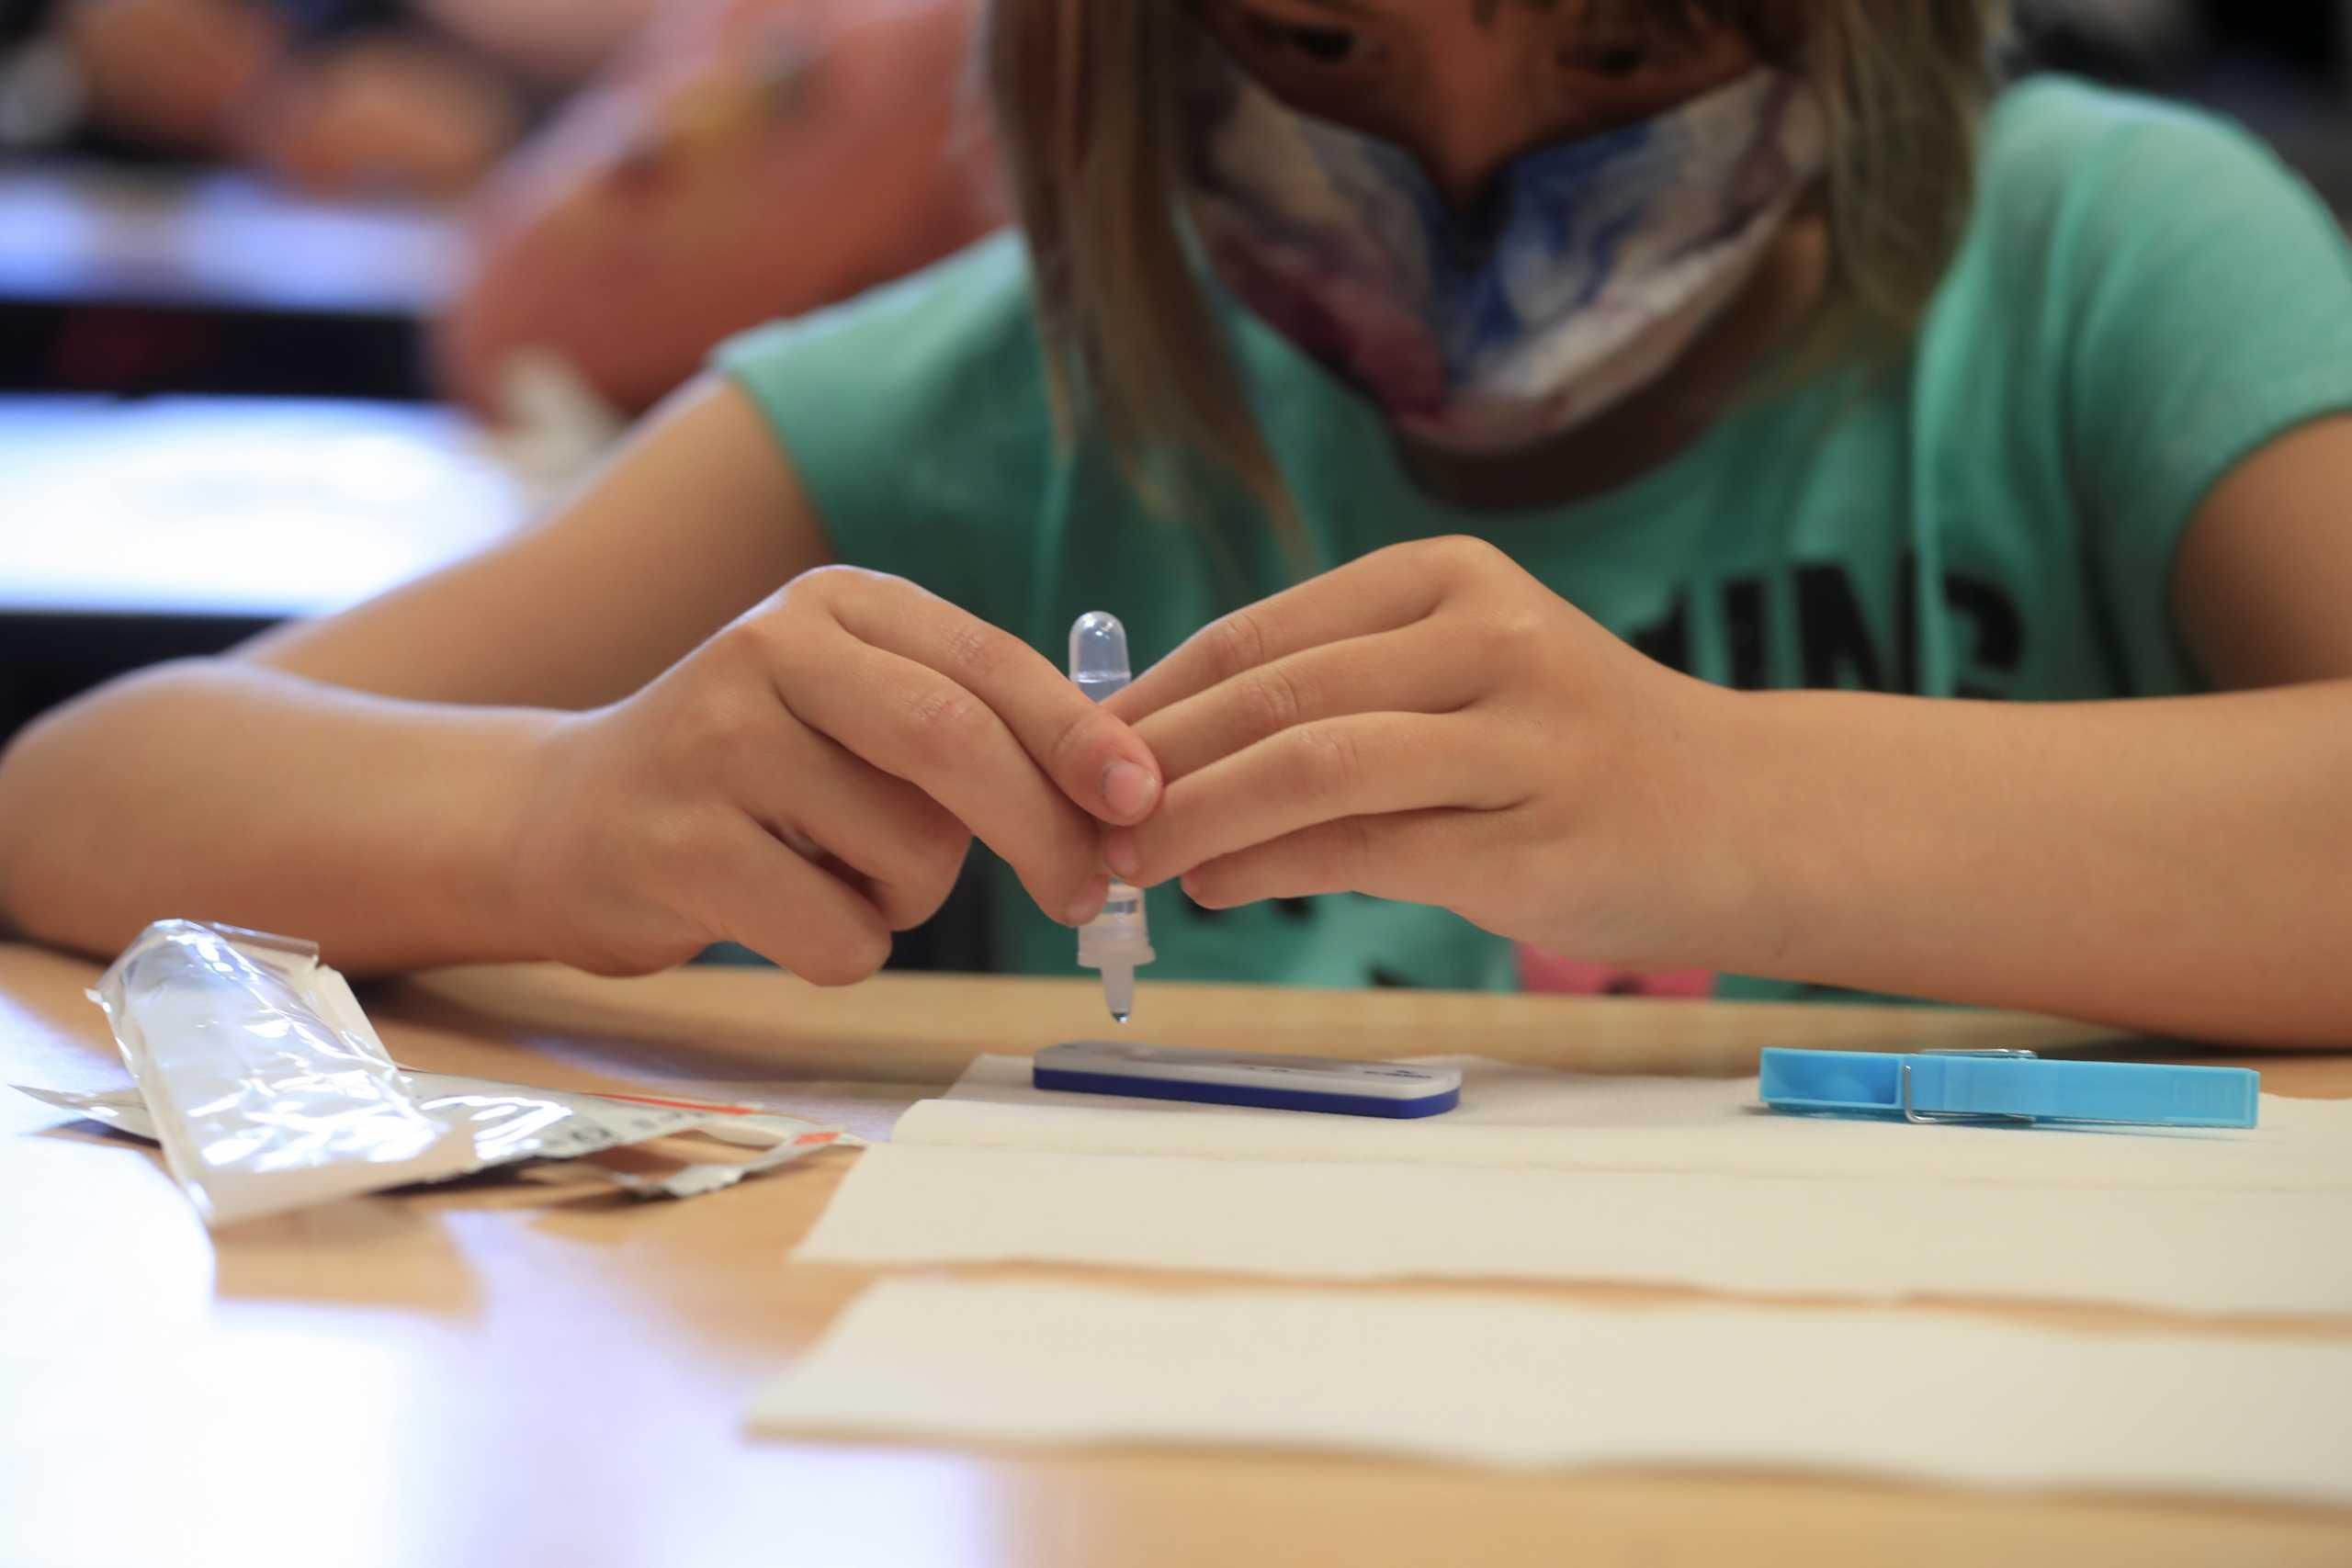 Ισπανία: Στόχος να εμβολιαστούν οι νέοι 12-17 ετών πριν ξεκινήσουν τα σχολεία